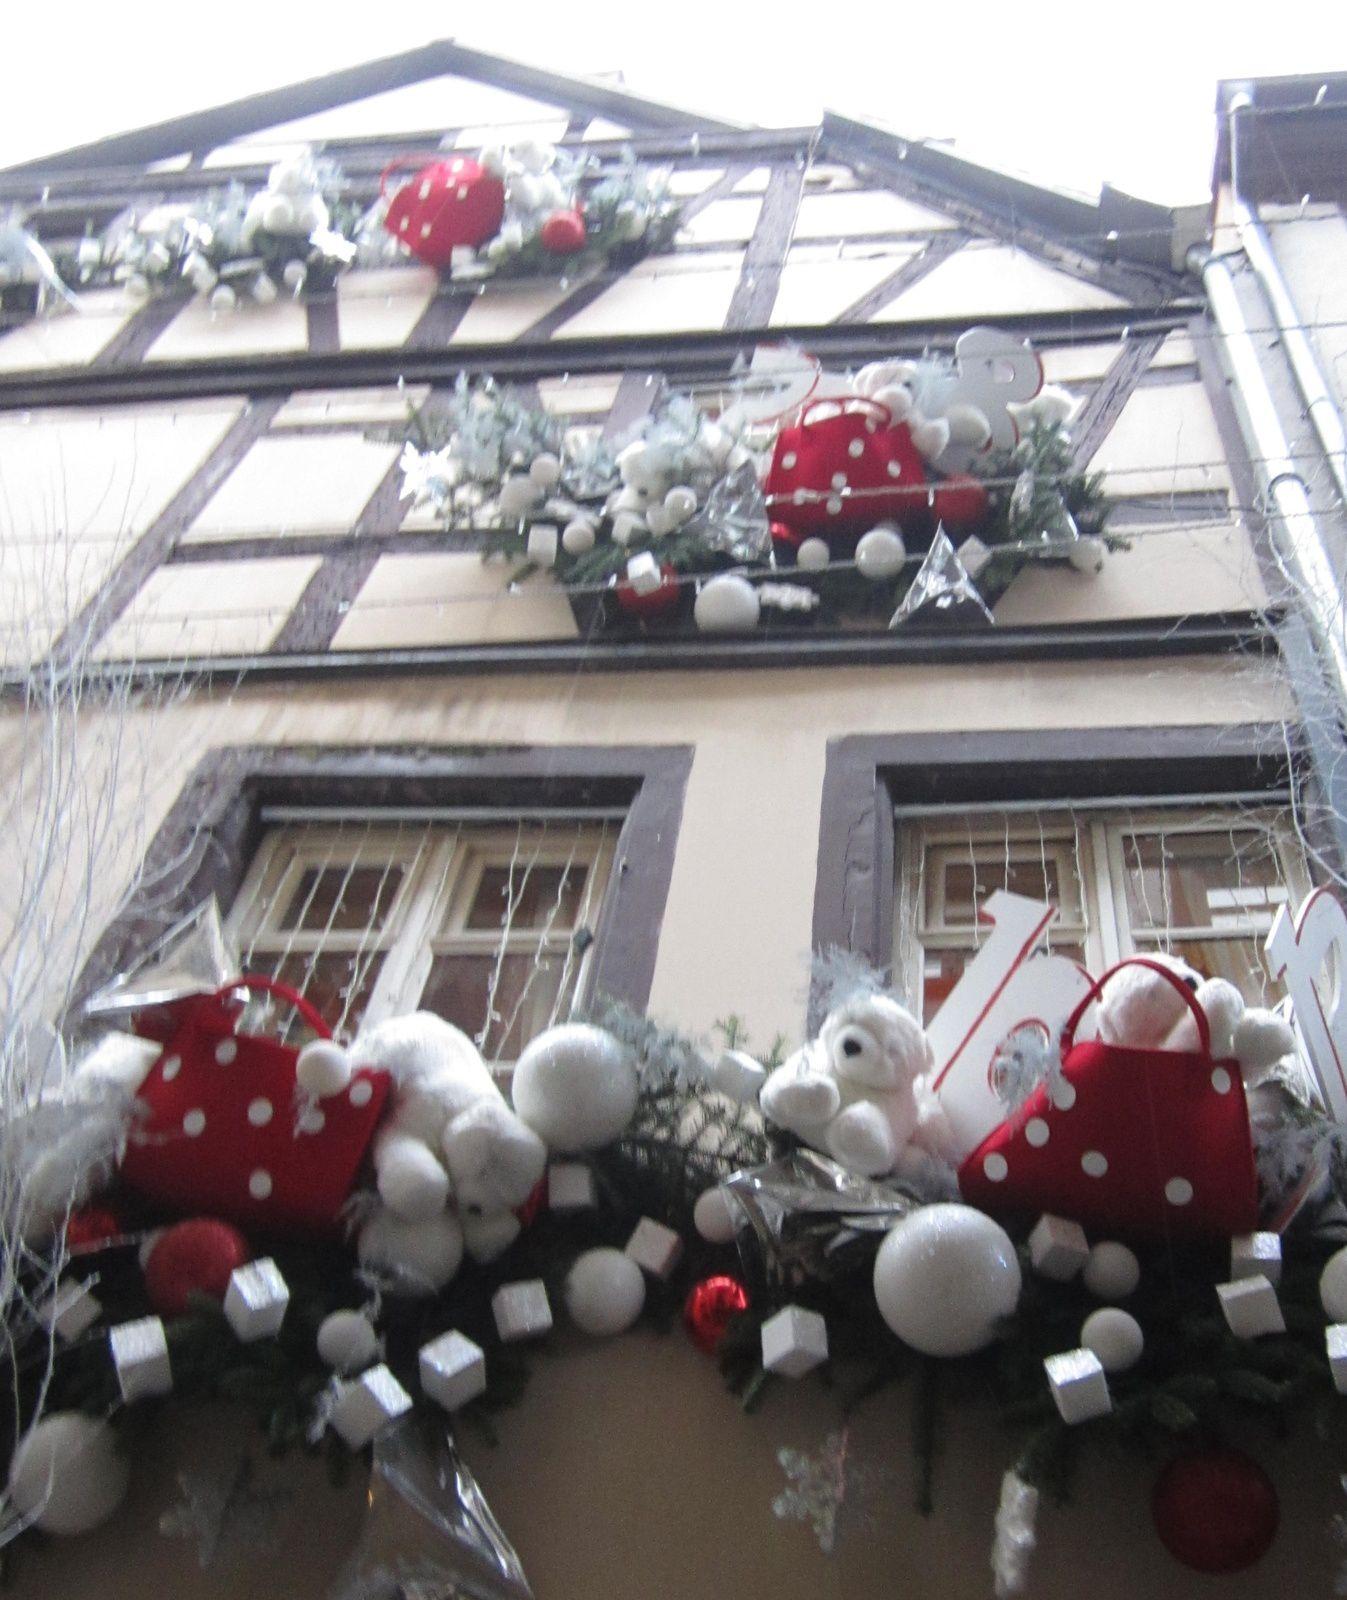 Que d'imagination pour décorer les façades des maisons.